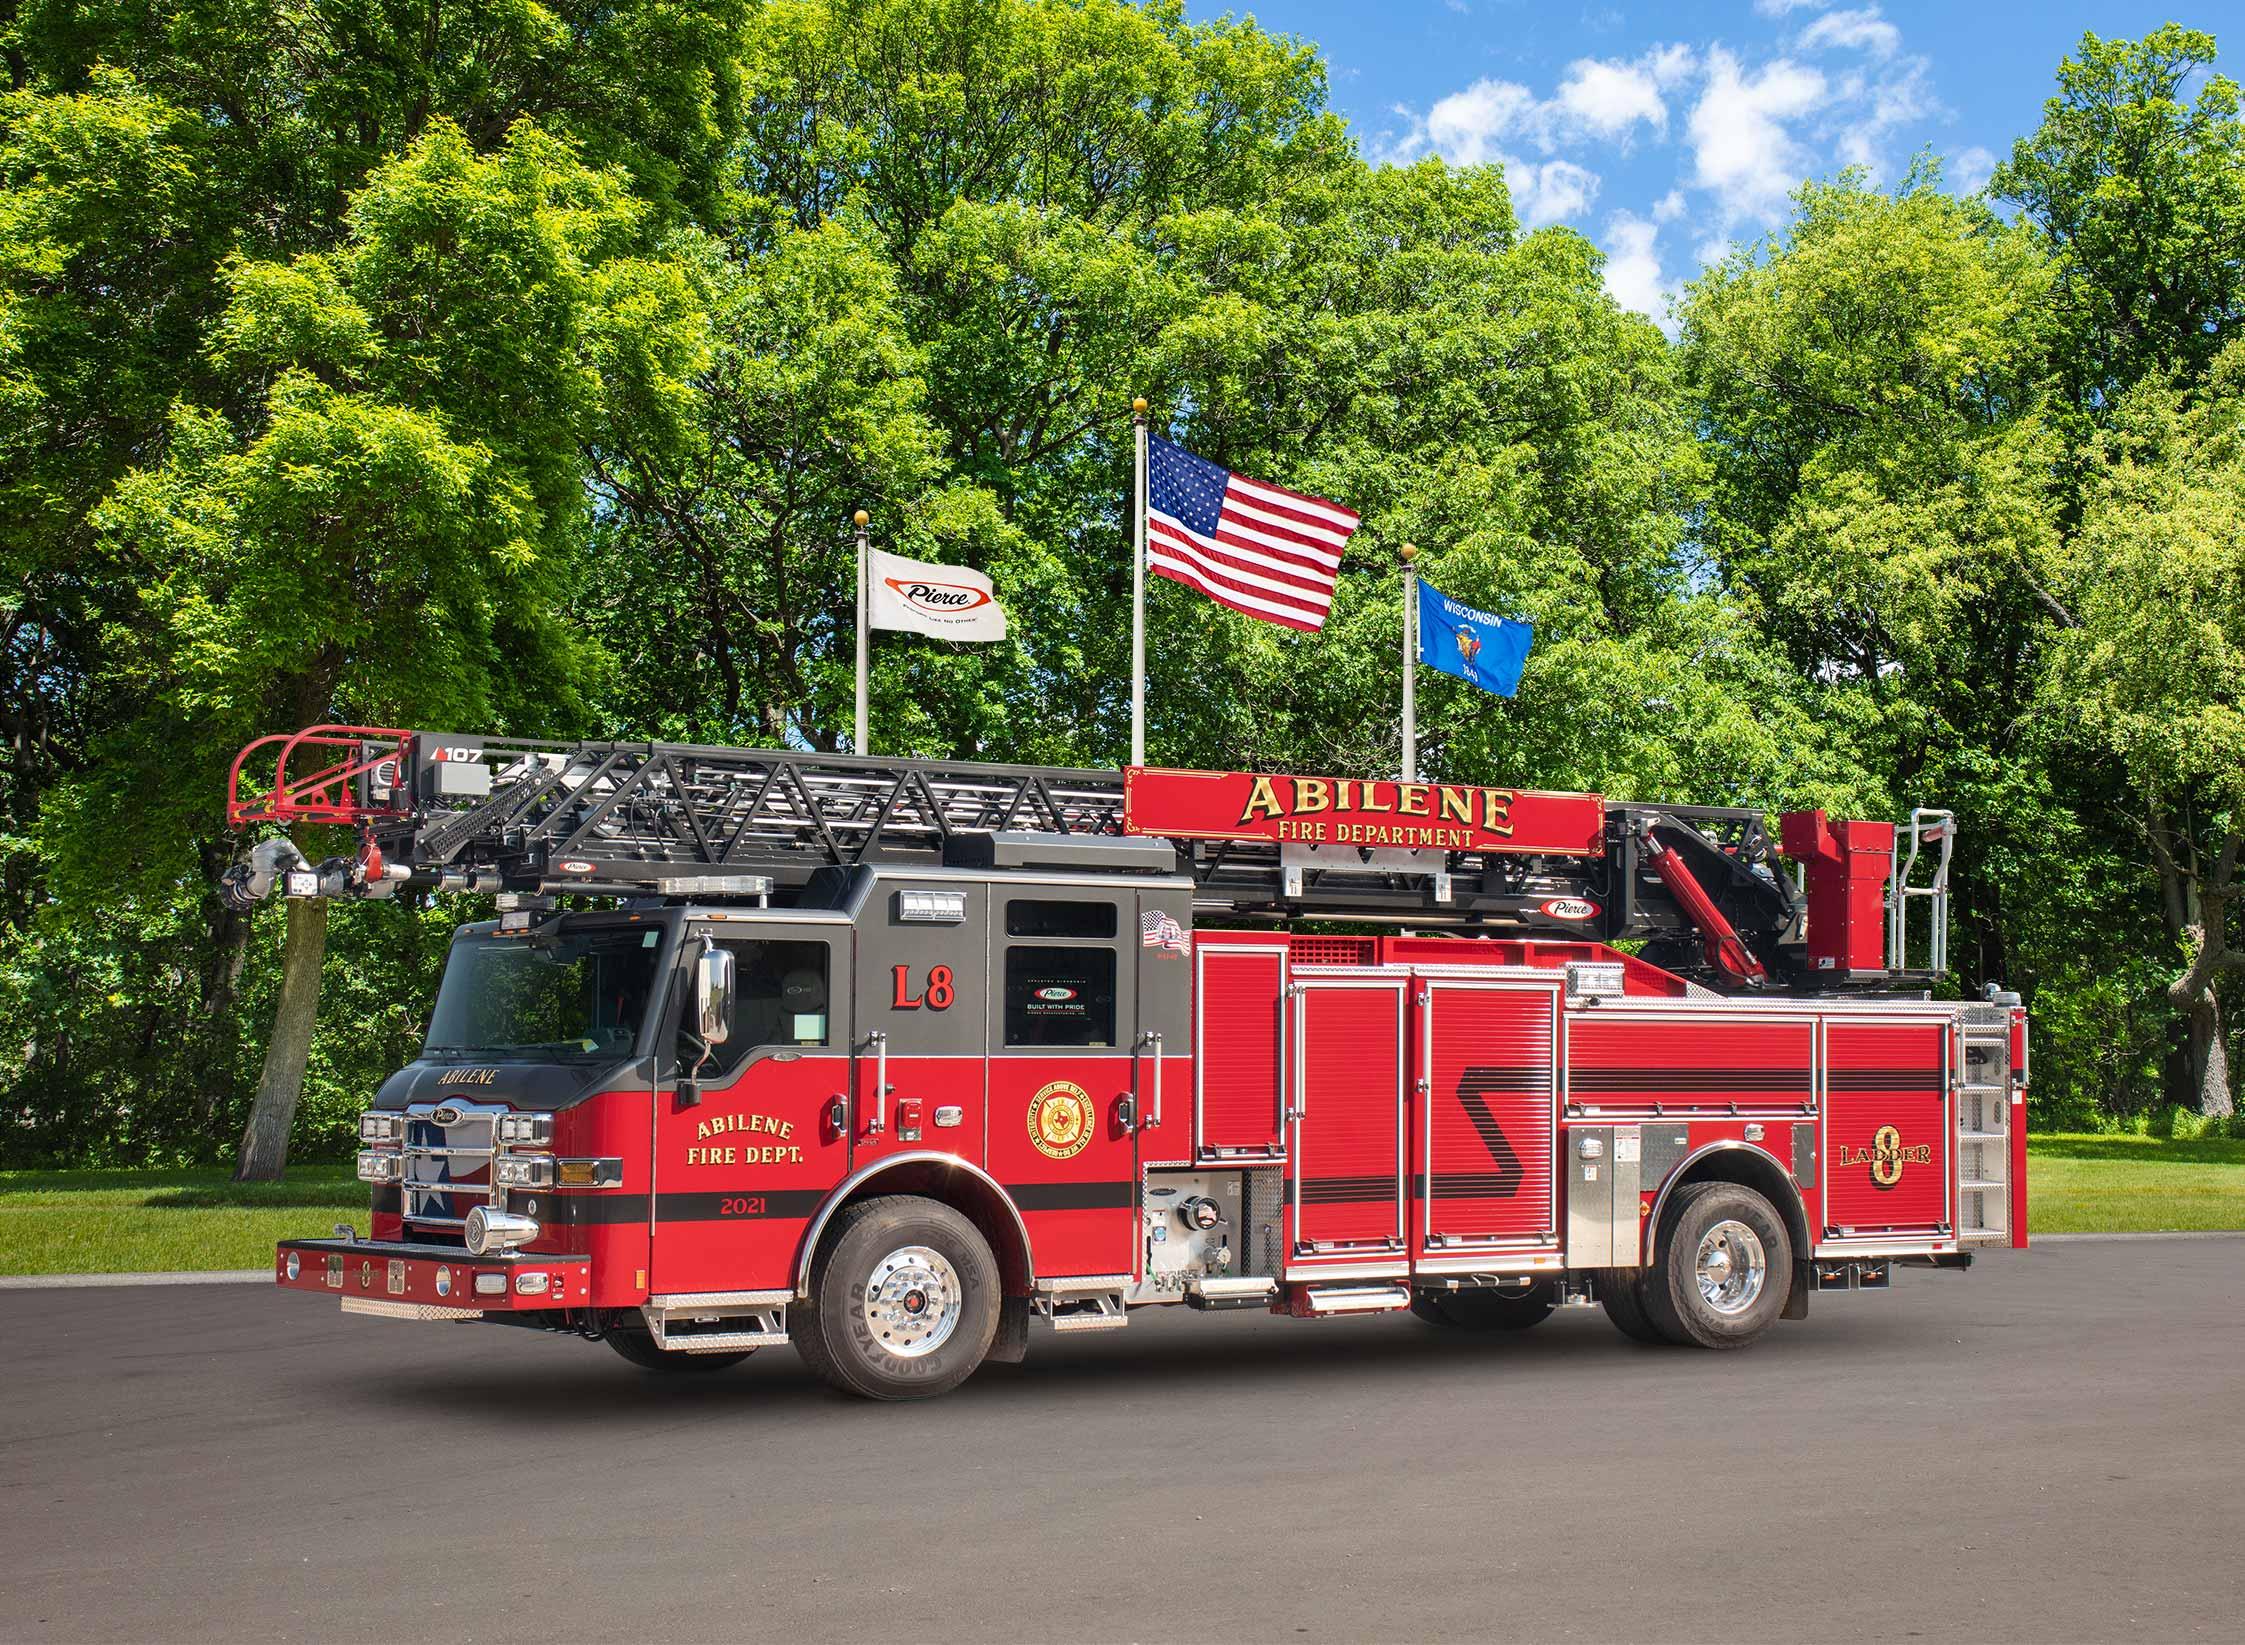 Abilene Fire Department - Aerial